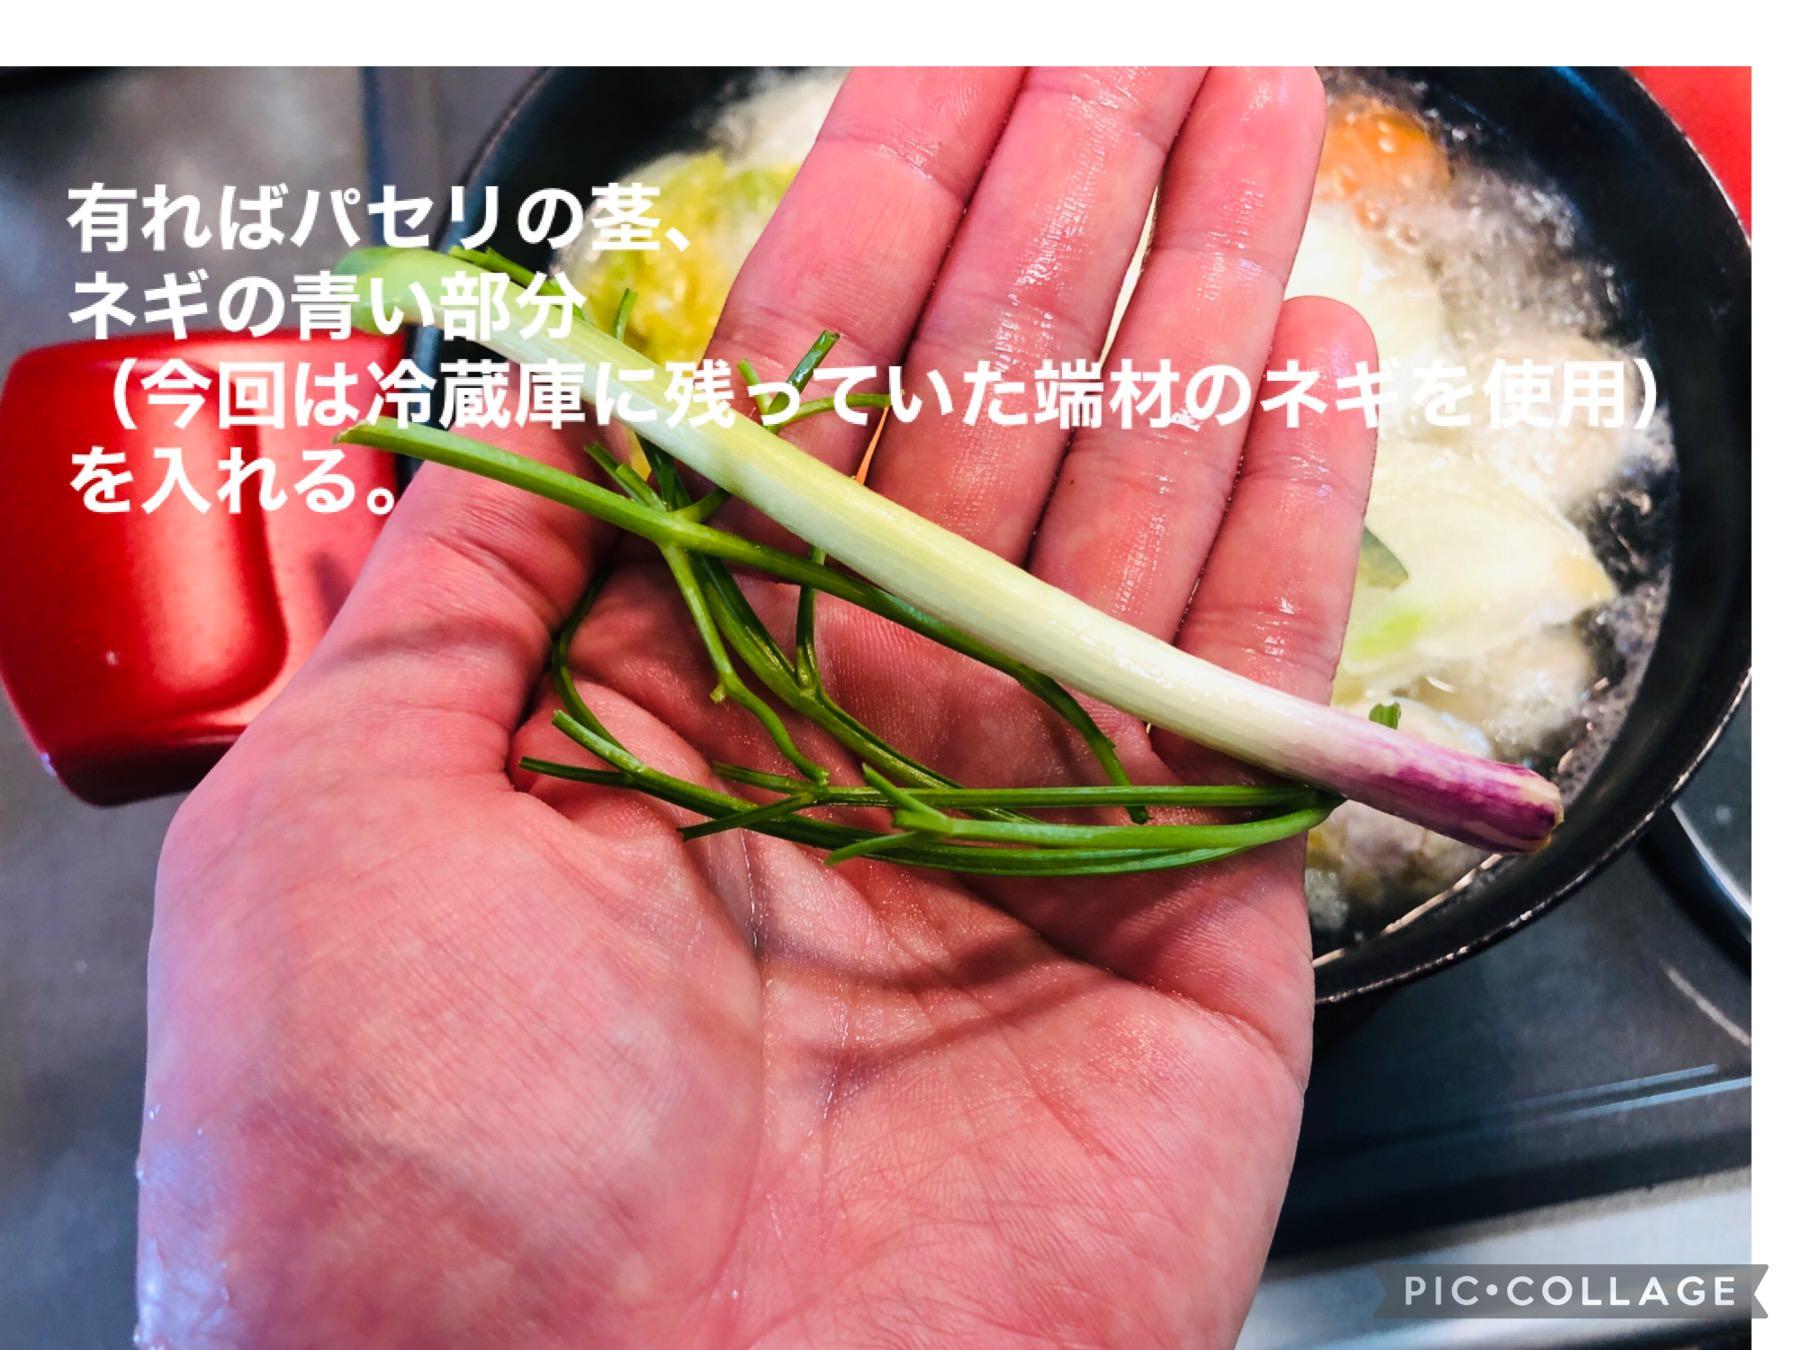 あればパセリの茎、ネギの端材を鍋に入れる様子の画像です